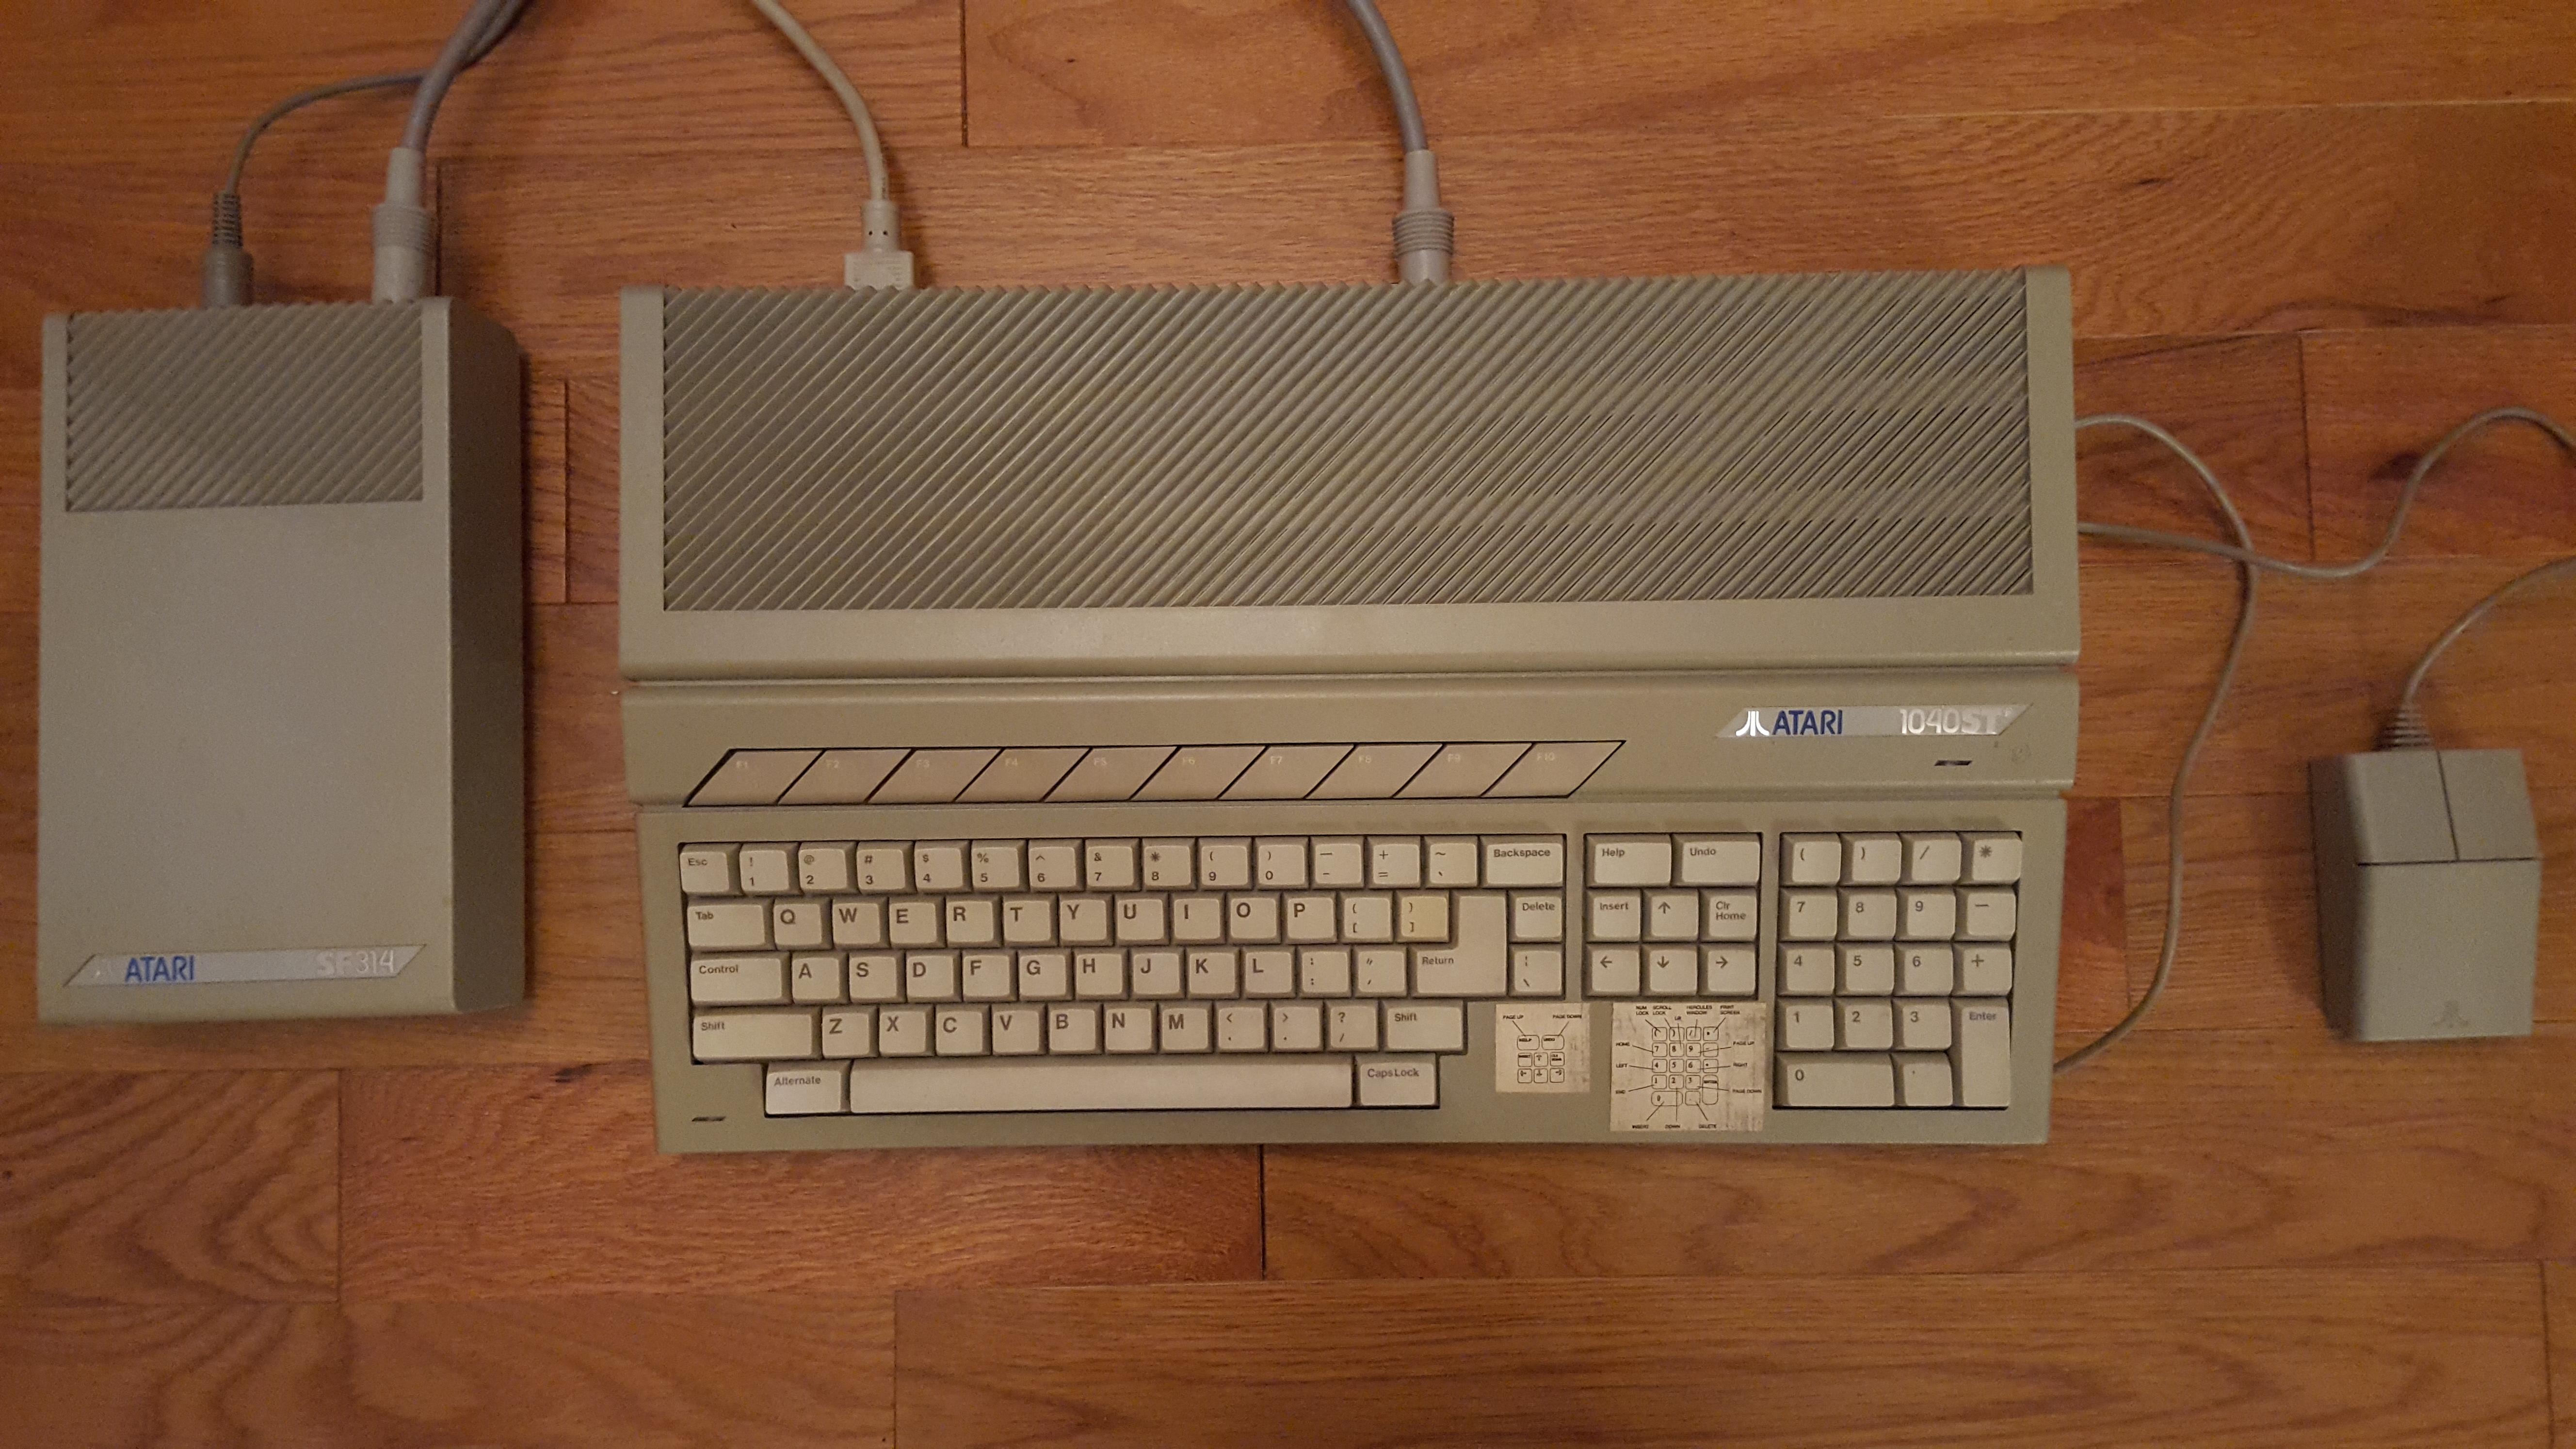 Atari 1040STF 2.5MB